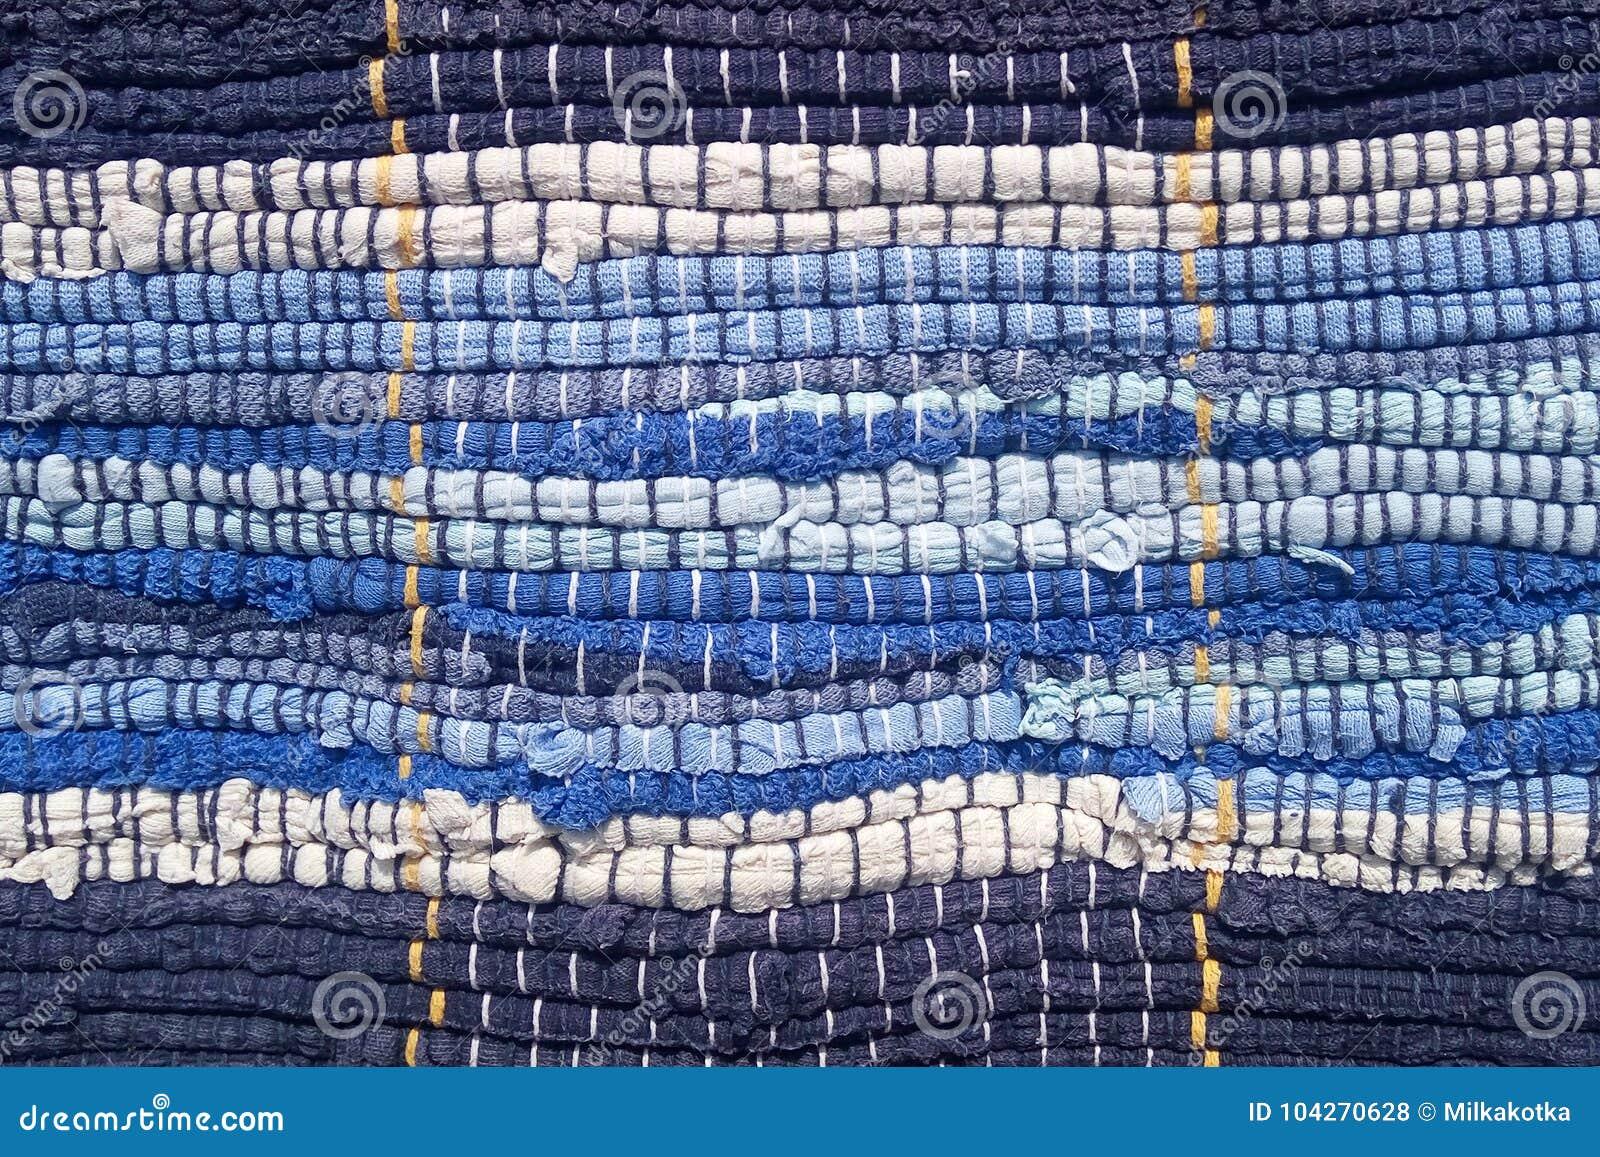 Tissu cousu des bandes de tissu Couture, réutilisation des matériaux Bandes de bleu dans un style marin